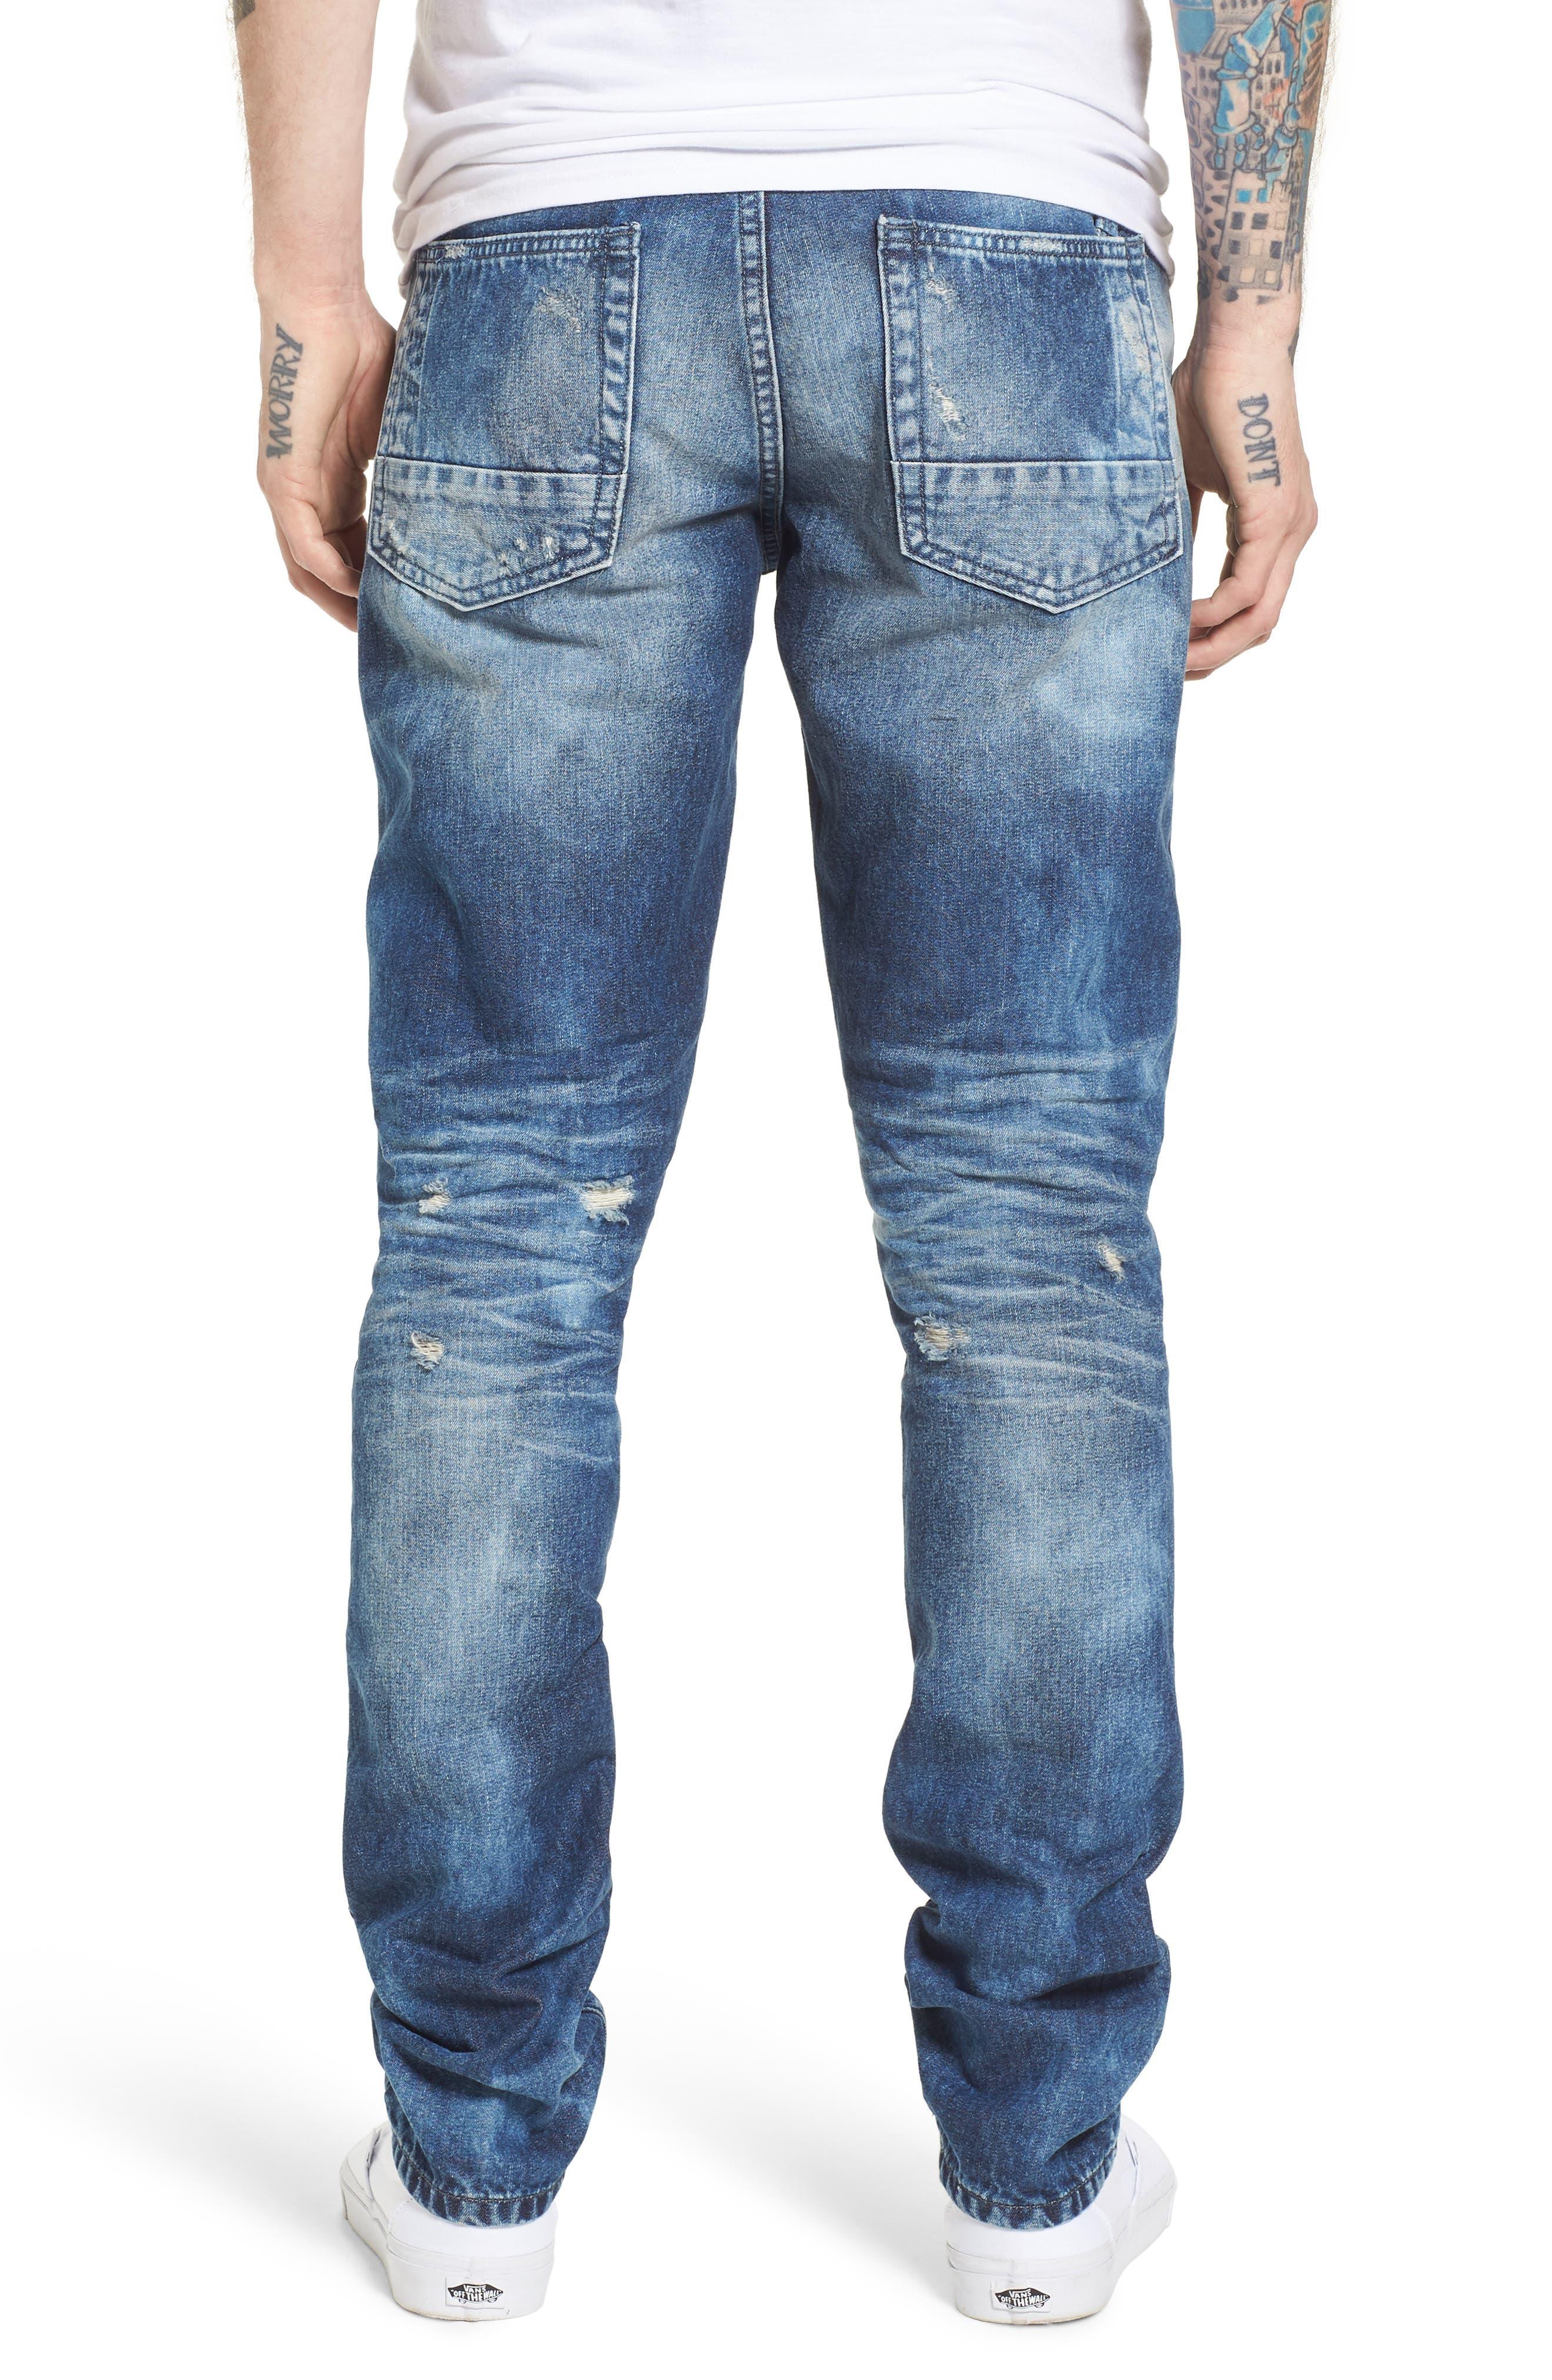 Le Sabre Slim Fit Jeans,                             Alternate thumbnail 2, color,                             496